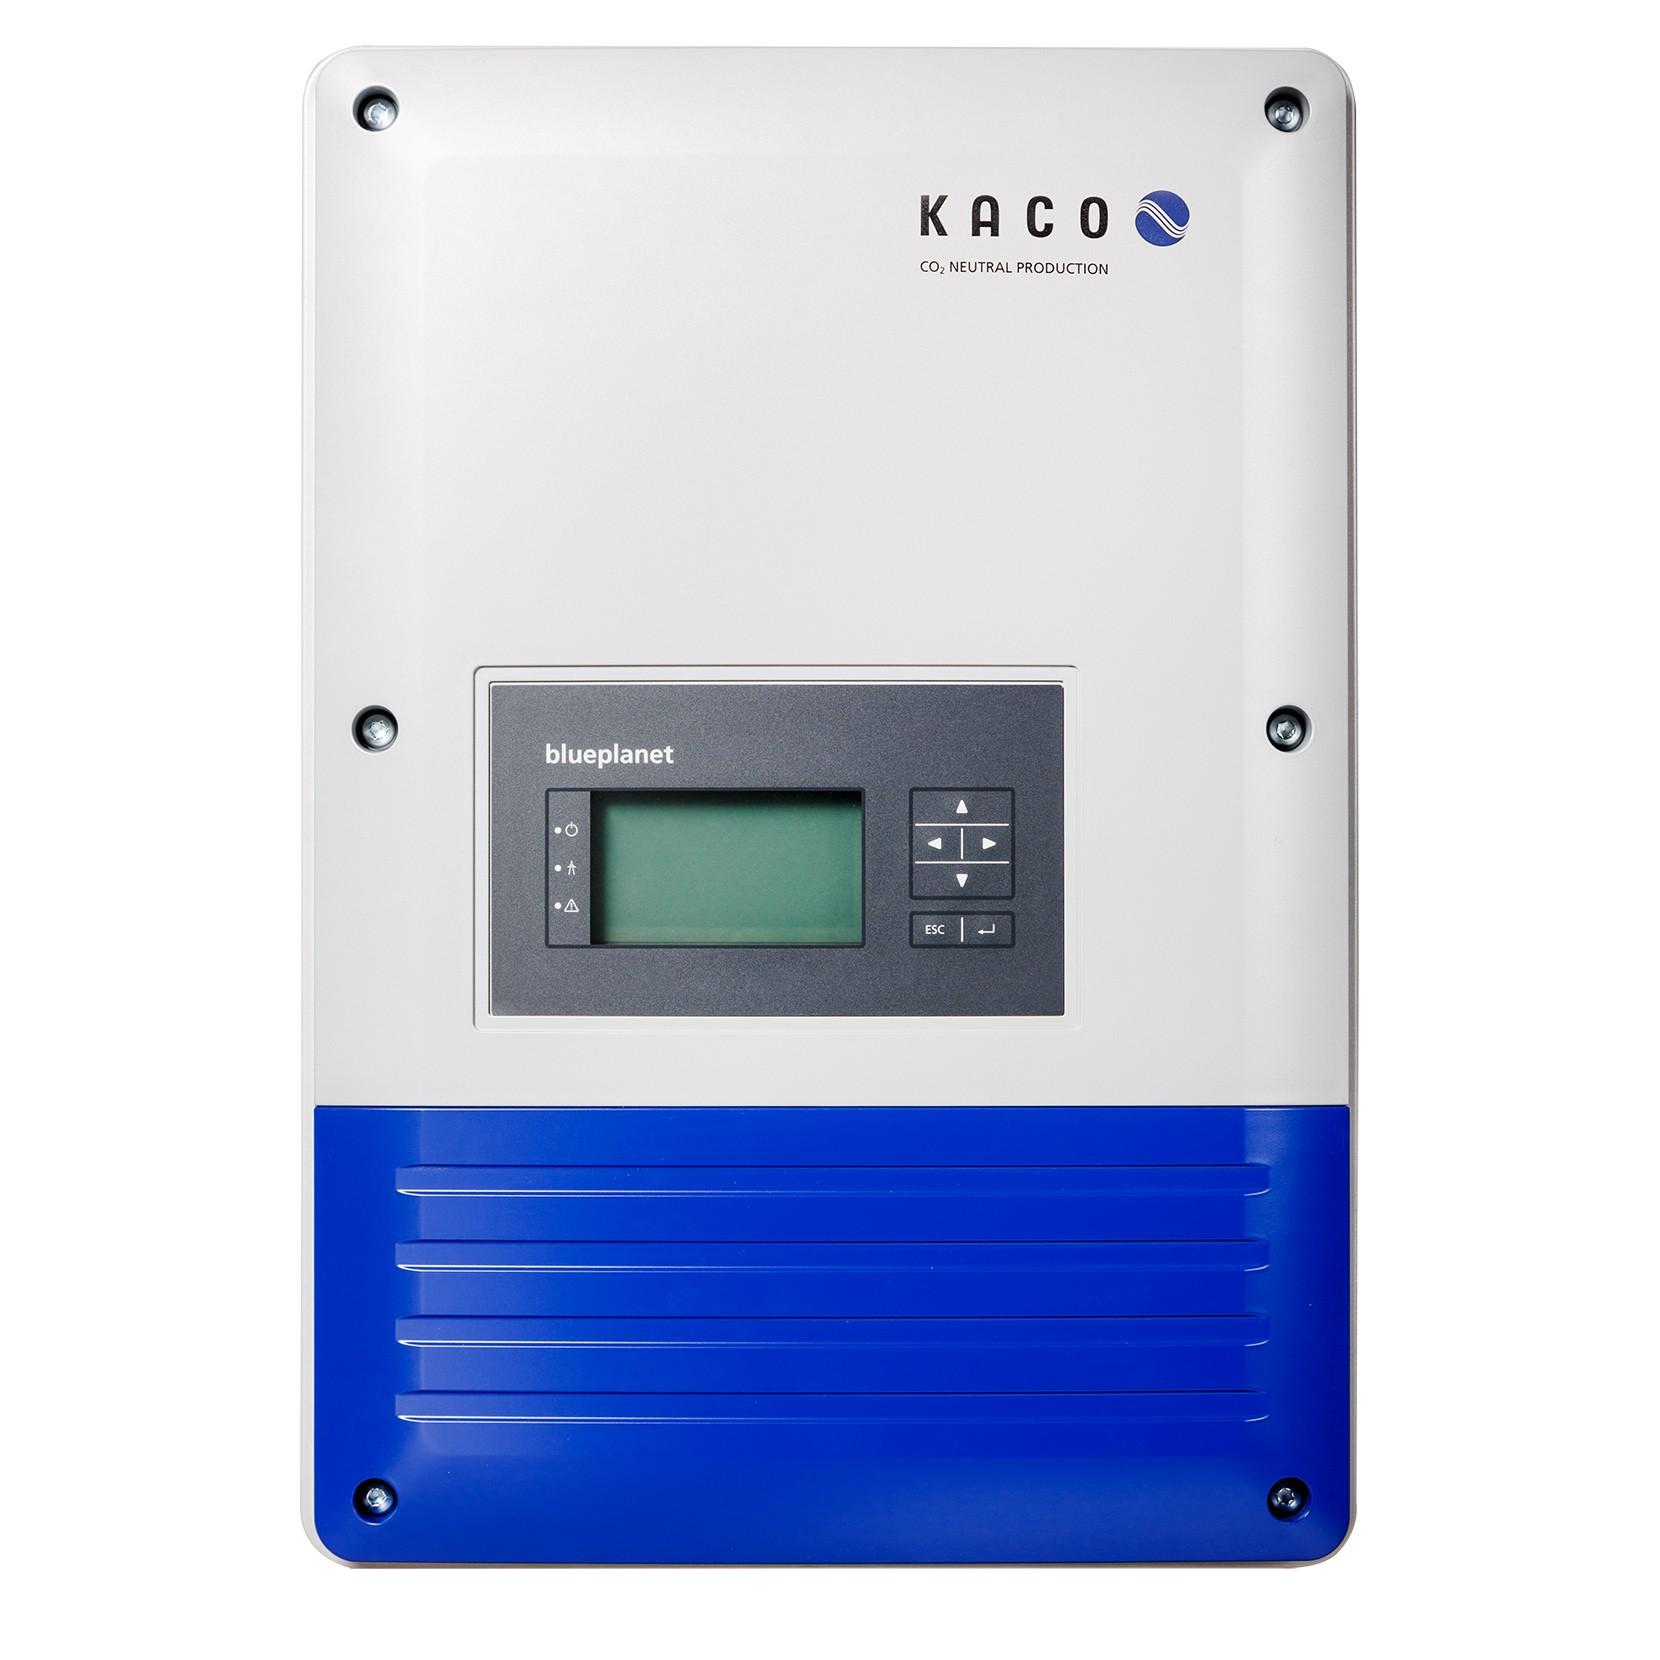 kaco blueplanet 10 0 tl3 solar inverter solar online shop. Black Bedroom Furniture Sets. Home Design Ideas